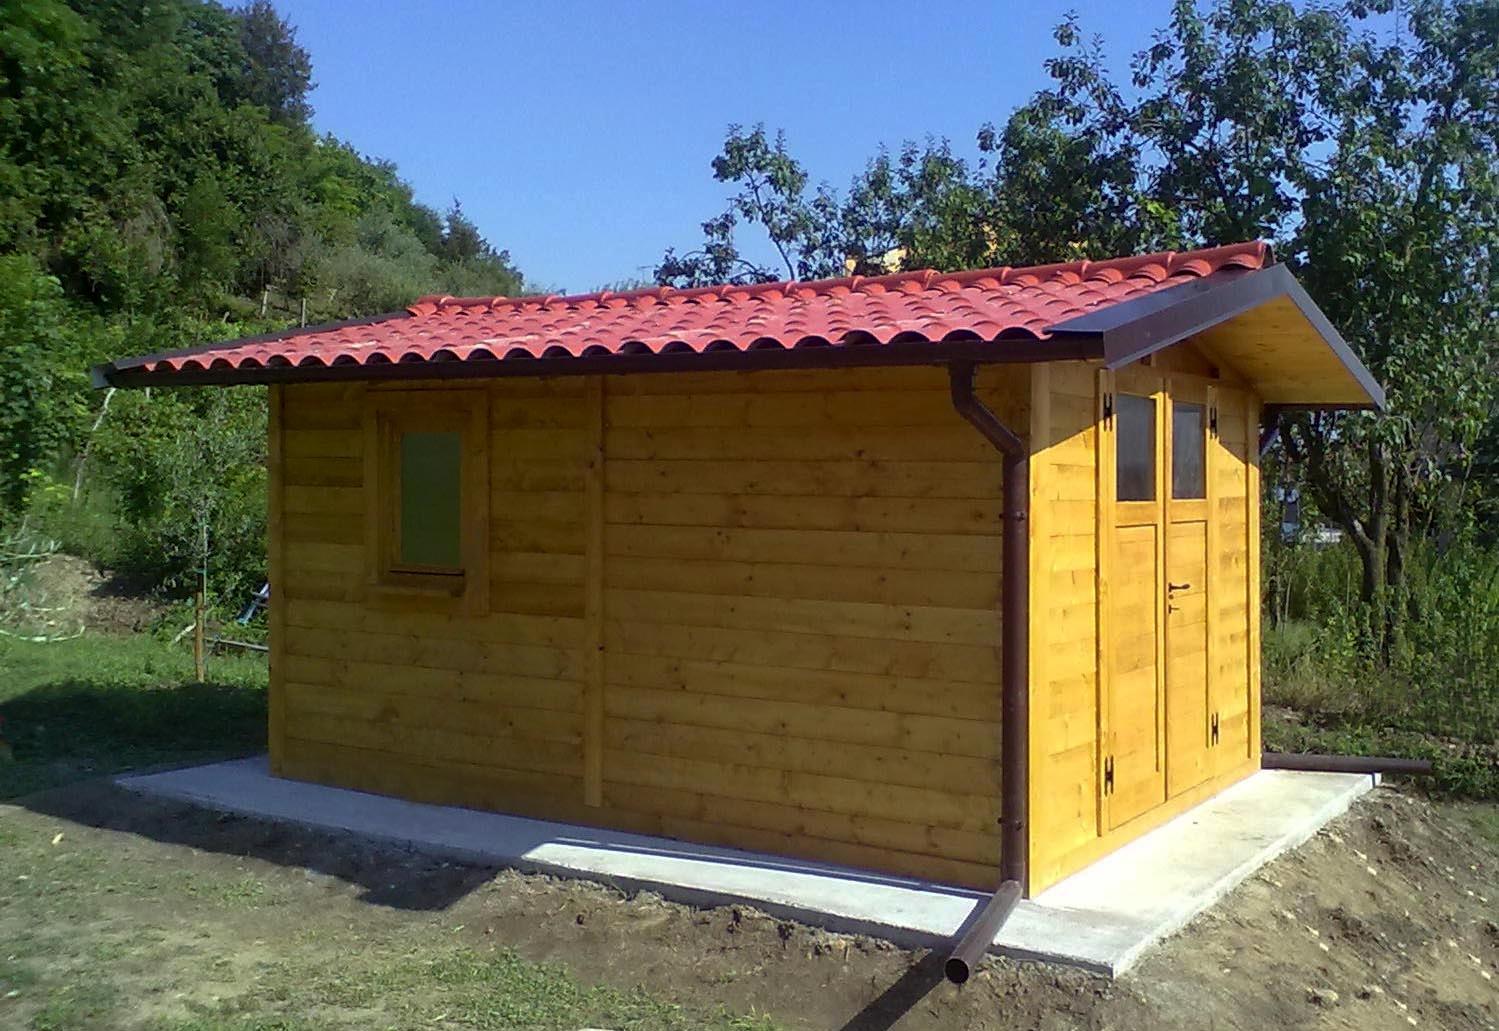 Sospensioni moderne design for Casette in legno prezzi scontati